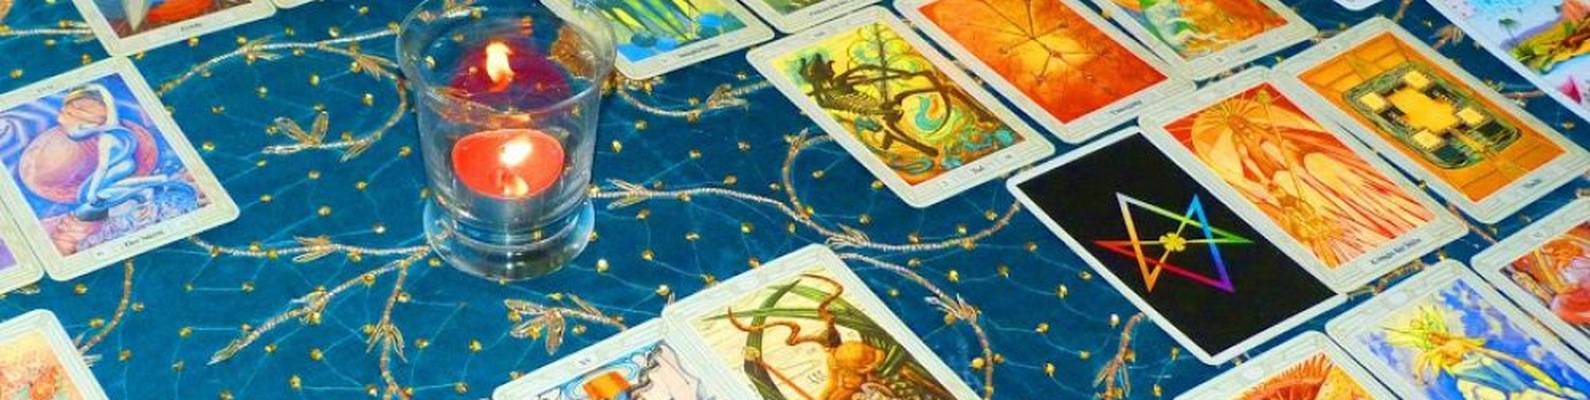 Астрология. как привлечь любовь и счастье в свою жизнь? правила.